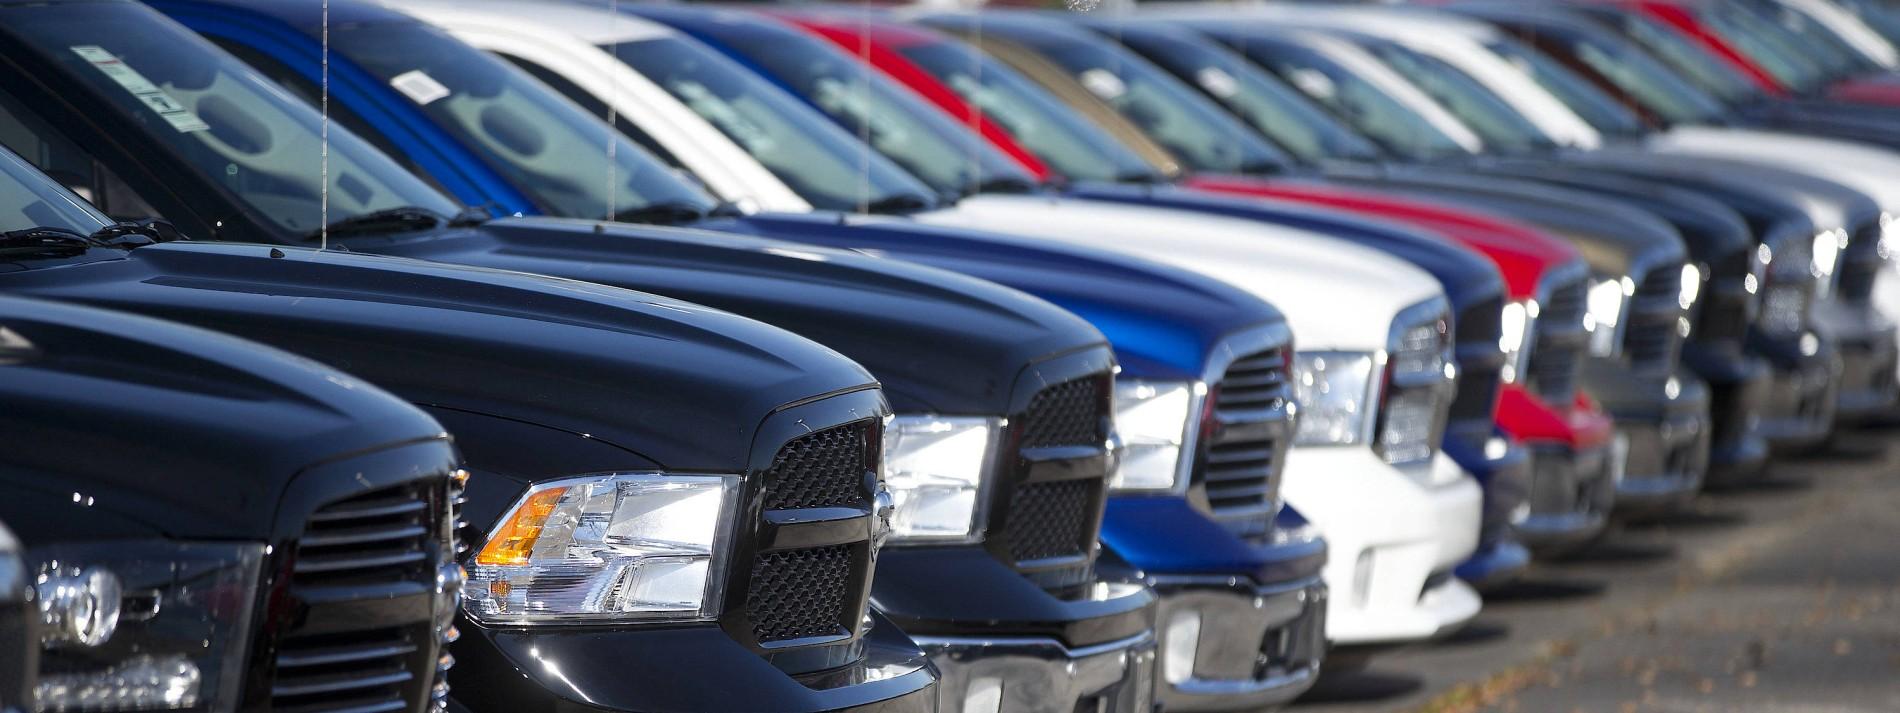 Amerikanische Bundesstaaten klagen gegen Verkehrsbehörde